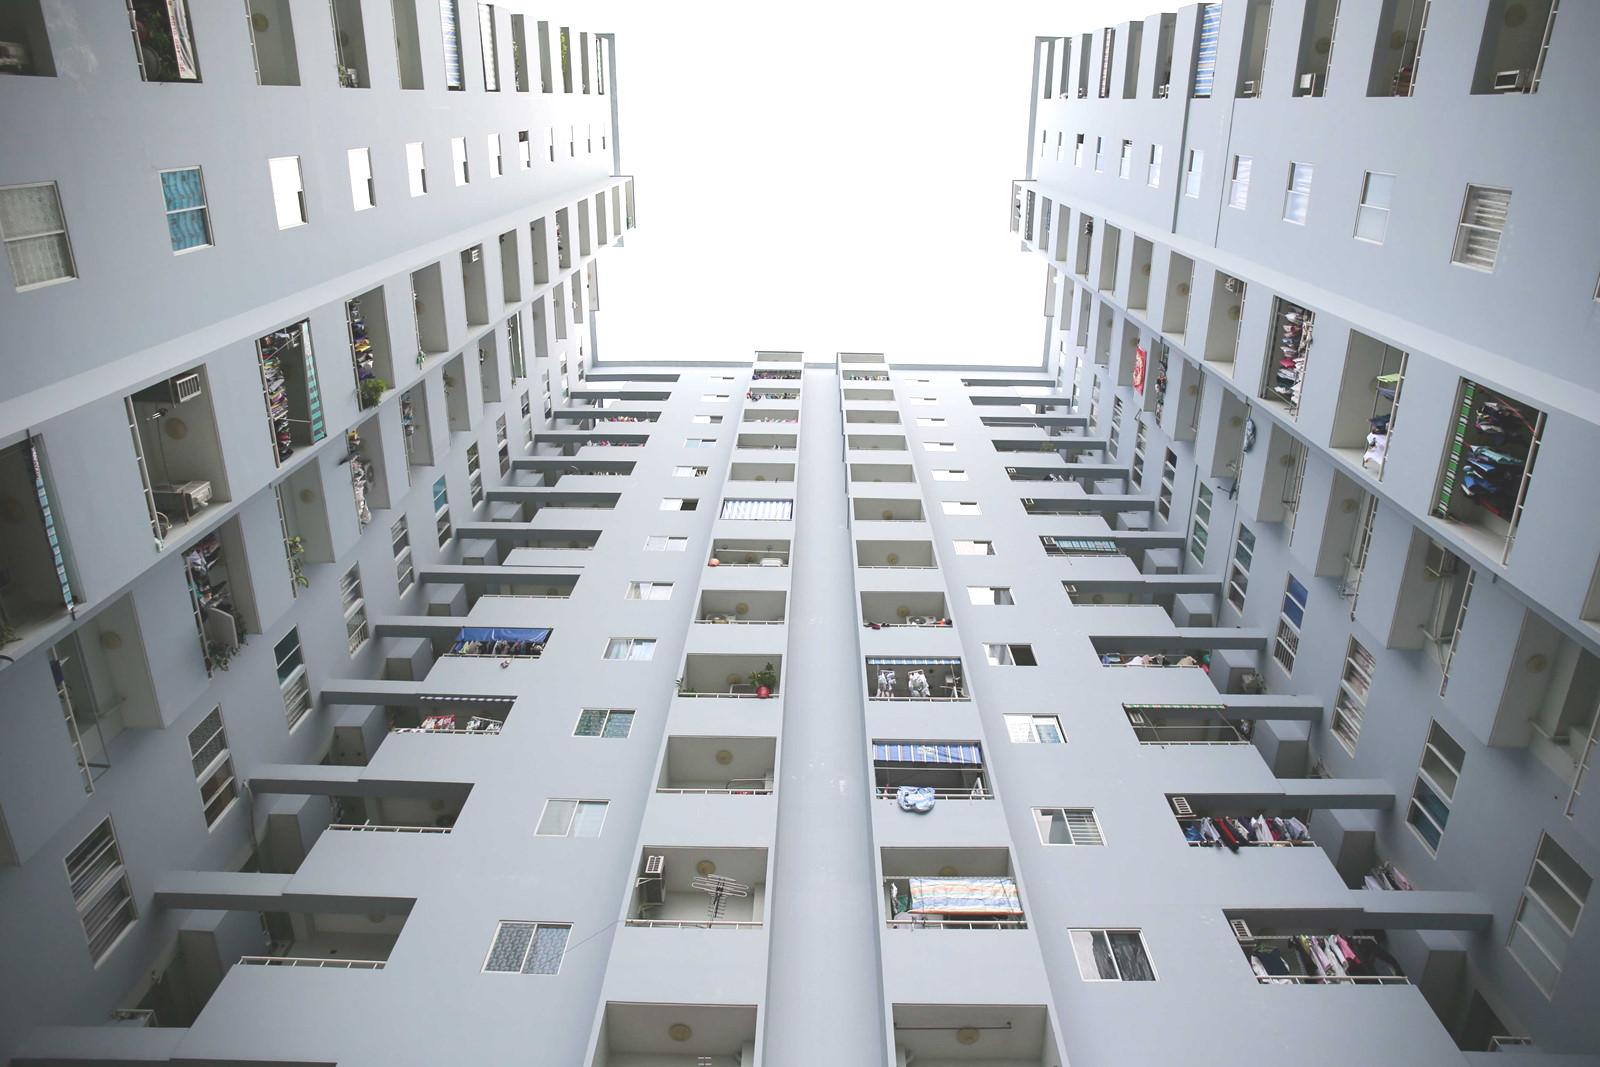 Hàng vạn căn hộ ở TP HCM có cơ hội xóa treo sổ hồng - Ảnh 1.